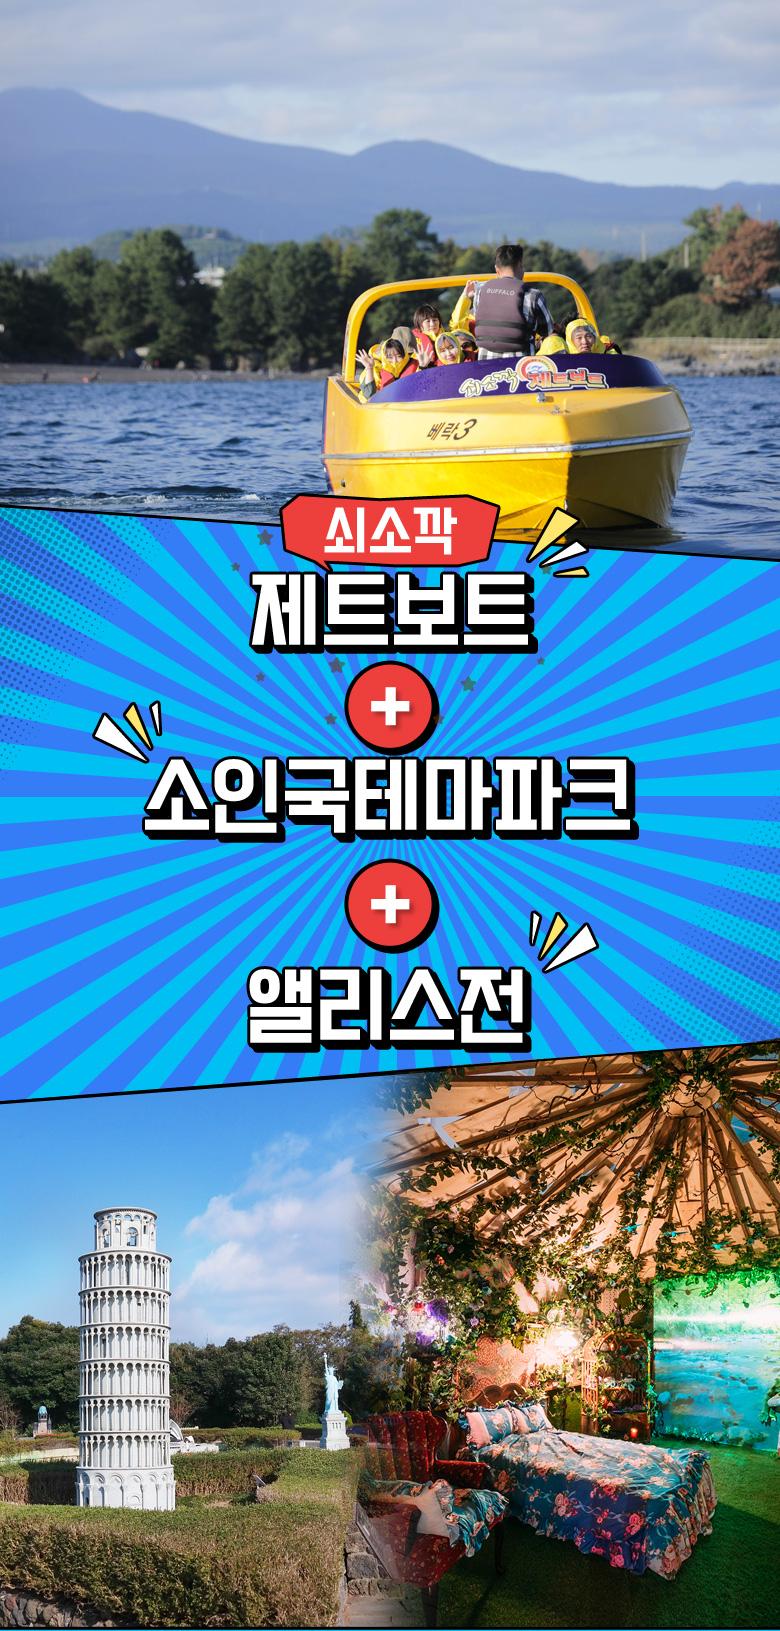 쇠소깍제트보트+소인국테마파크+앨리스전_01.jpg